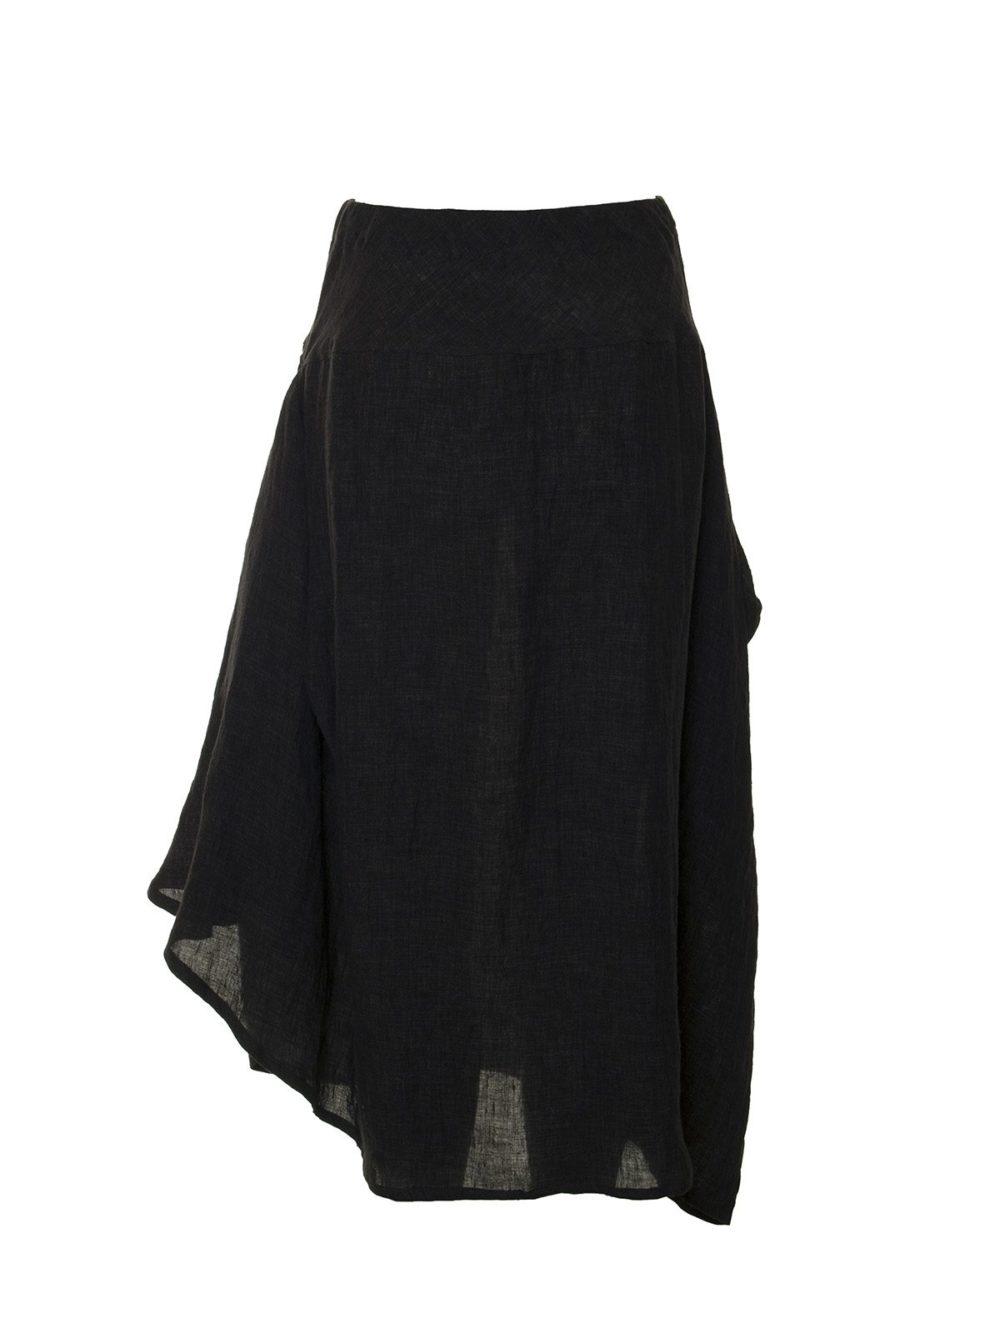 Exa Skirt Ralston Katie Kerr Women's Clothing